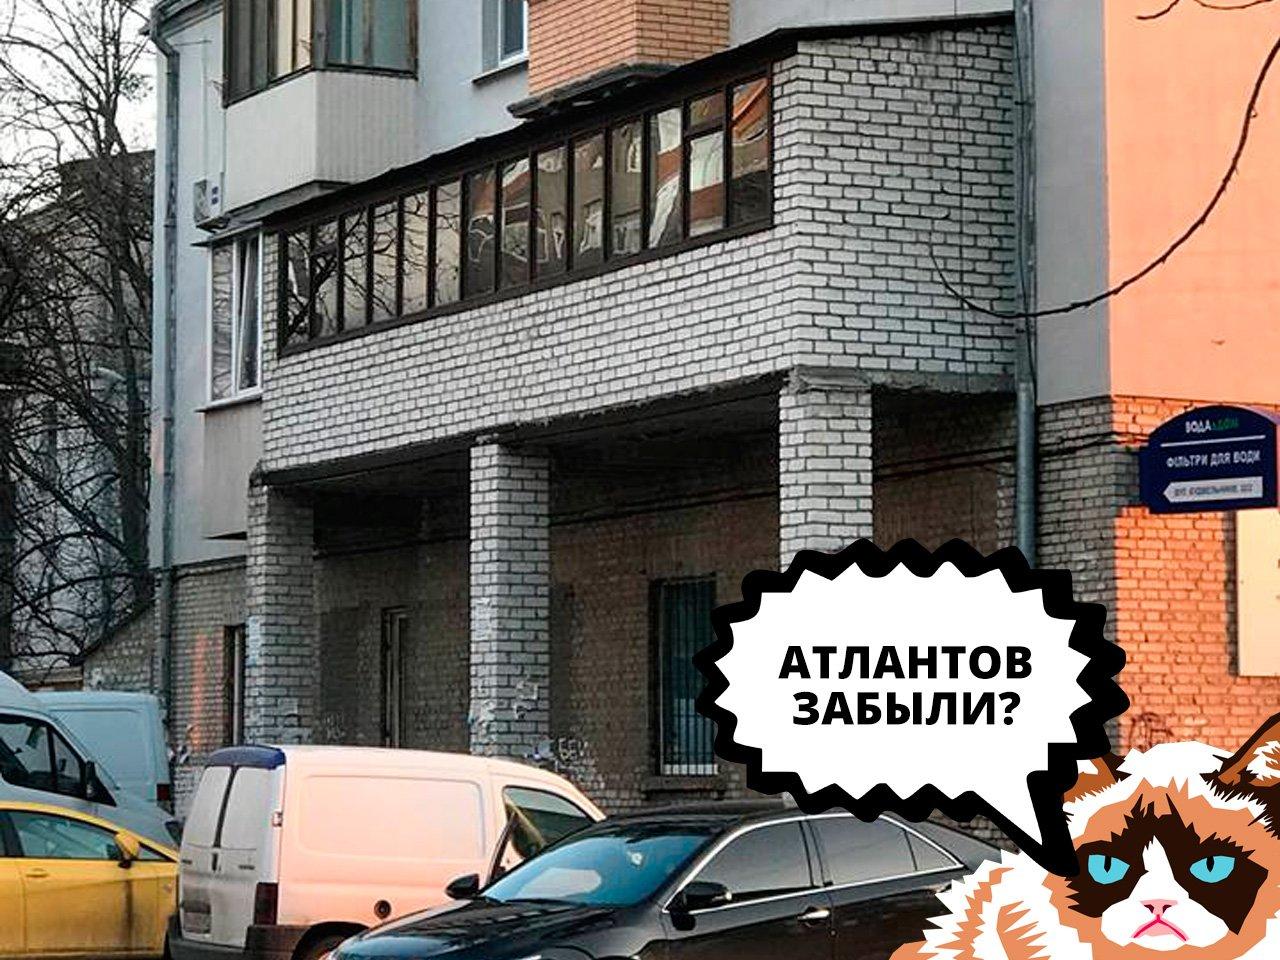 Царь-балконы наступают: как киевляне реагируют на эпидемию, фото-2